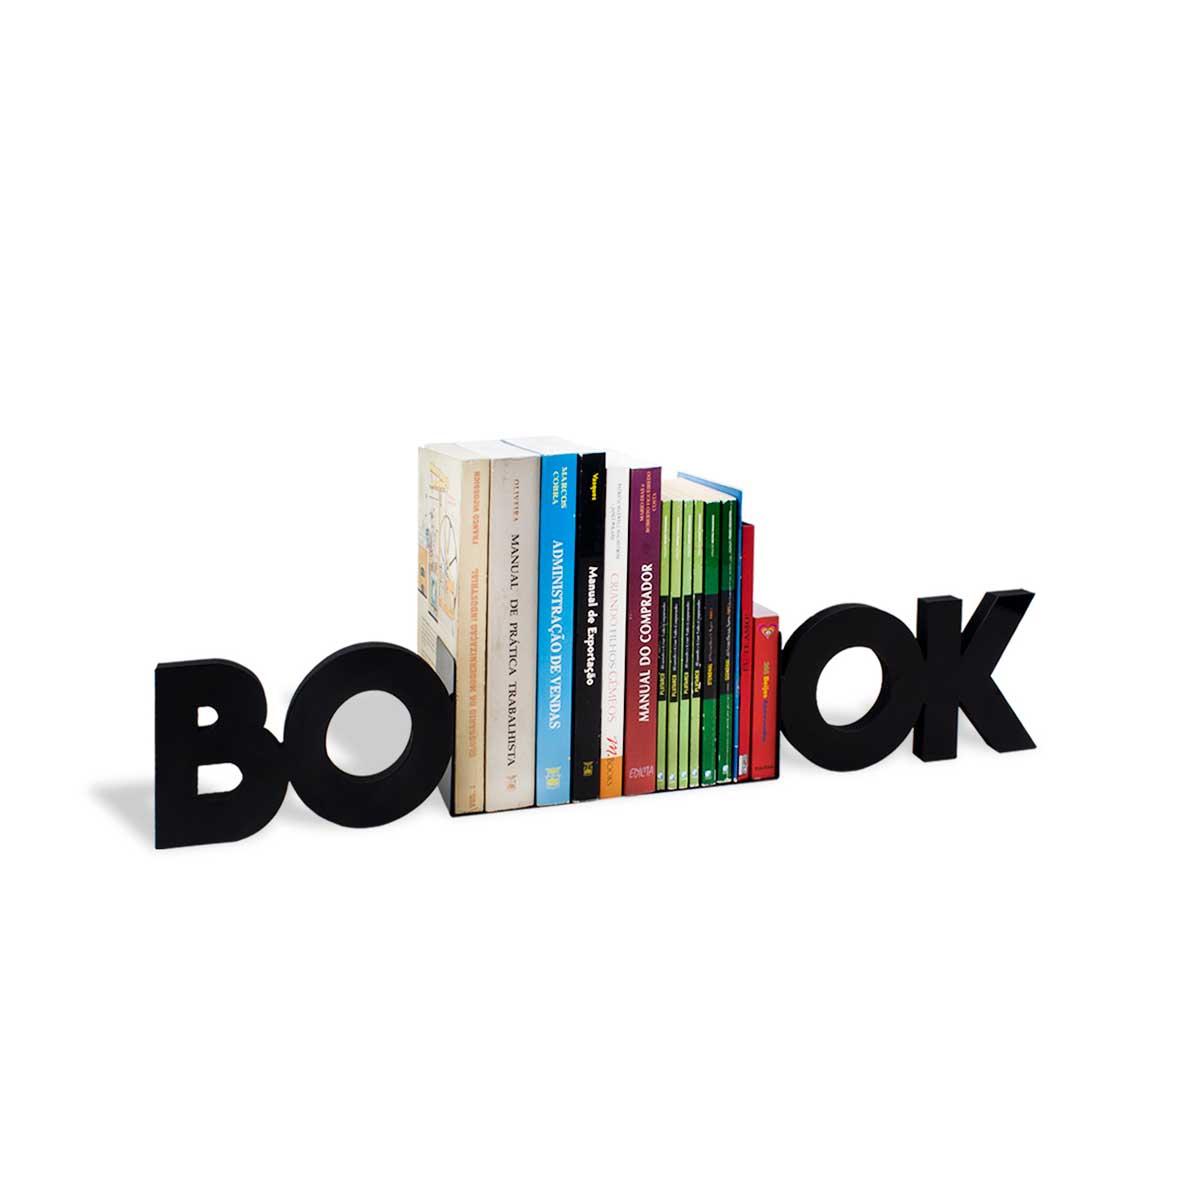 Aparador de Livros Book - Presente Super